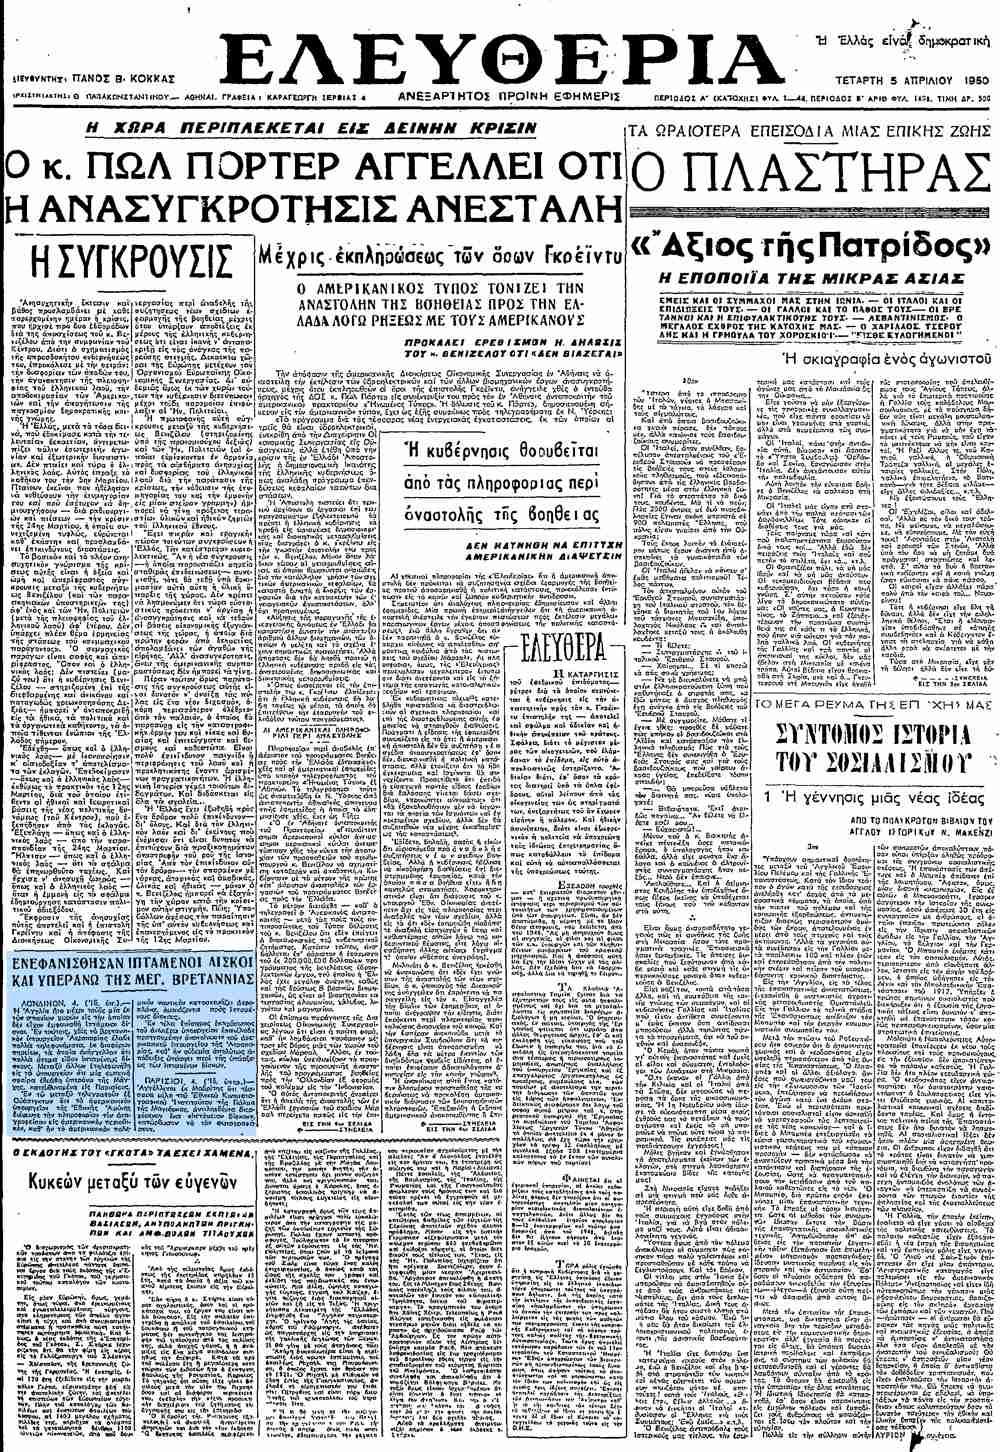 """Το άρθρο, όπως δημοσιεύθηκε στην εφημερίδα """"ΕΛΕΥΘΕΡΙΑ"""", στις 05/04/1950"""